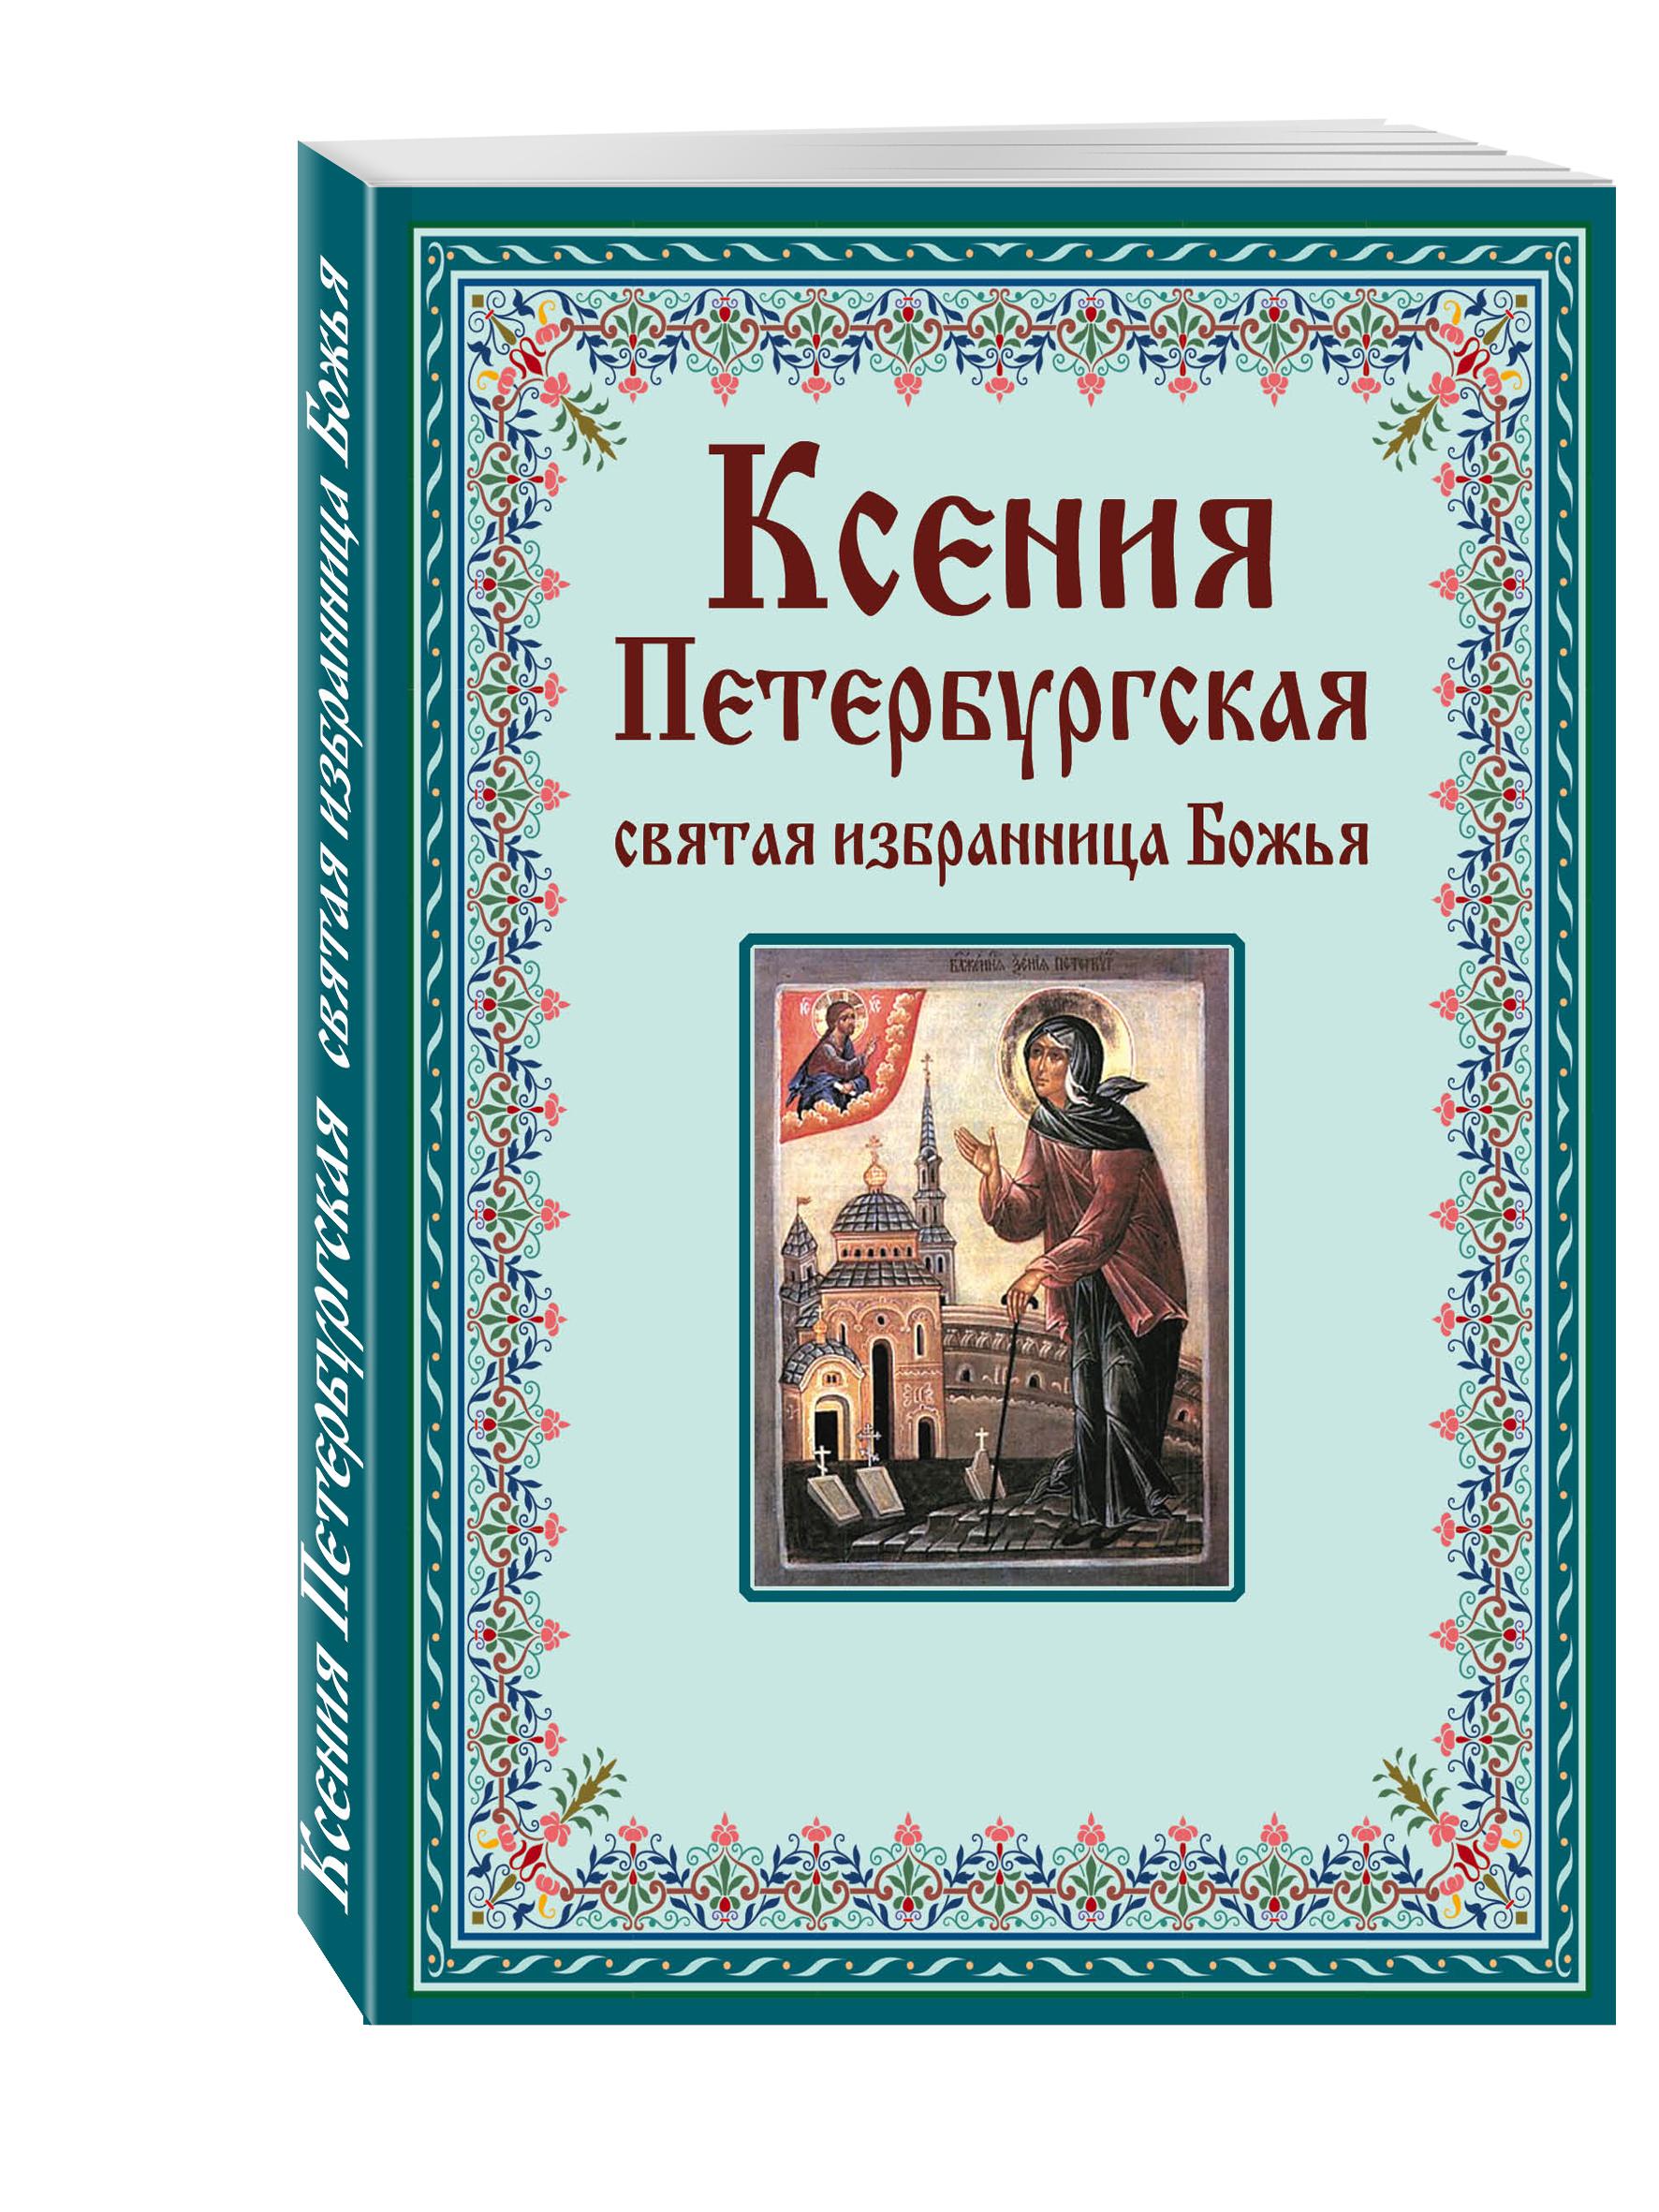 Ксения Петербургская: святая избранница Божья. Как получить помощь великой подвижницы